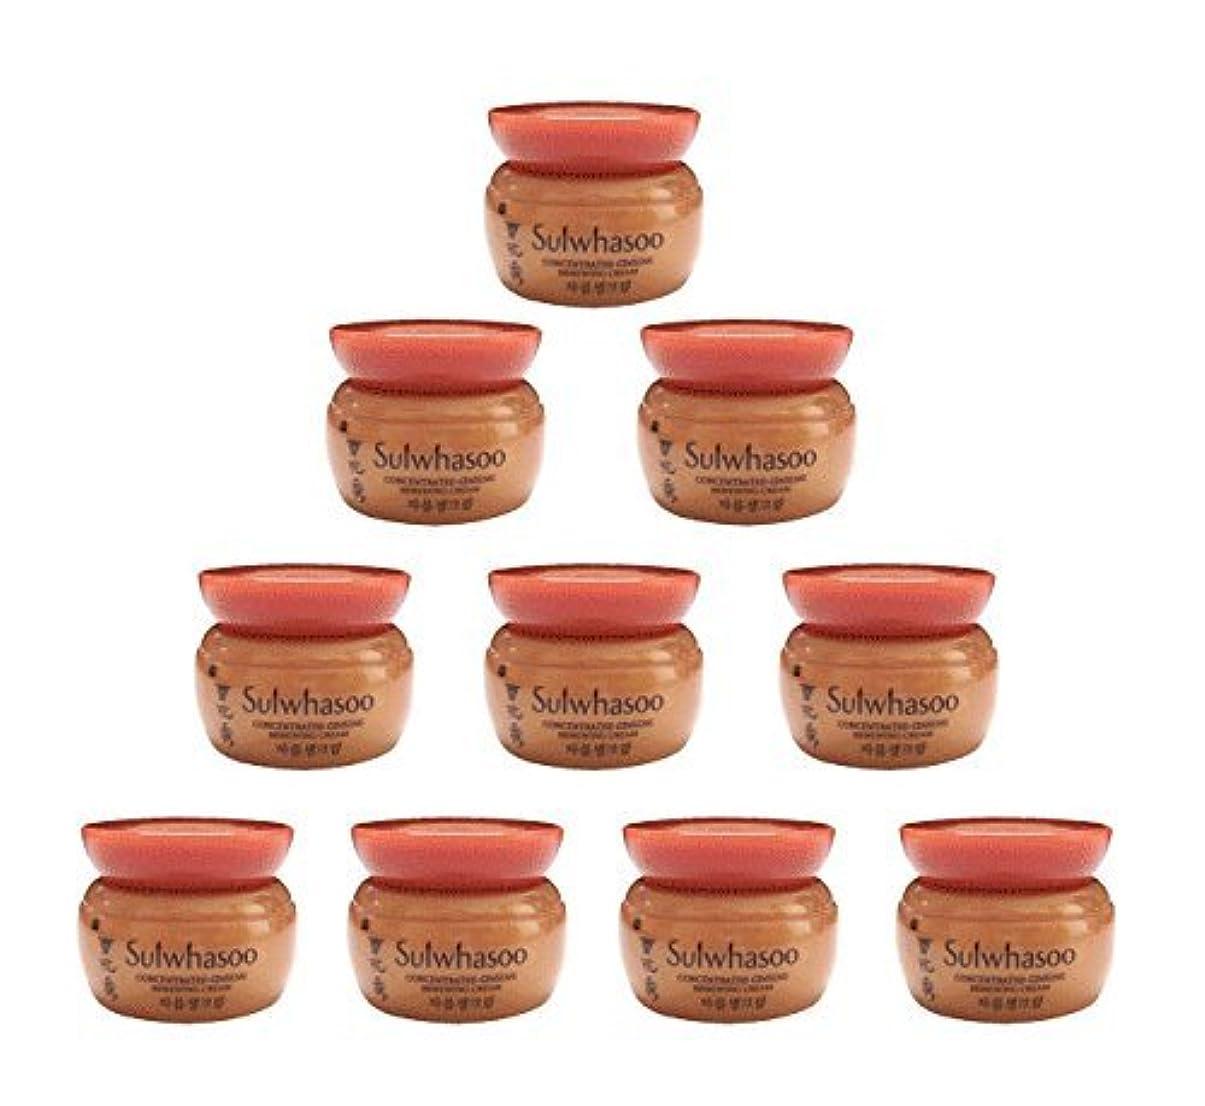 ブルームコピーユニークな【ソルファス 雪花秀 Sulwhasoo】 Concentrated Ginseng Renewing Cream(50ml) 5ml x 10個 韓国化粧品 ブランドのサンプル [並行輸入品]